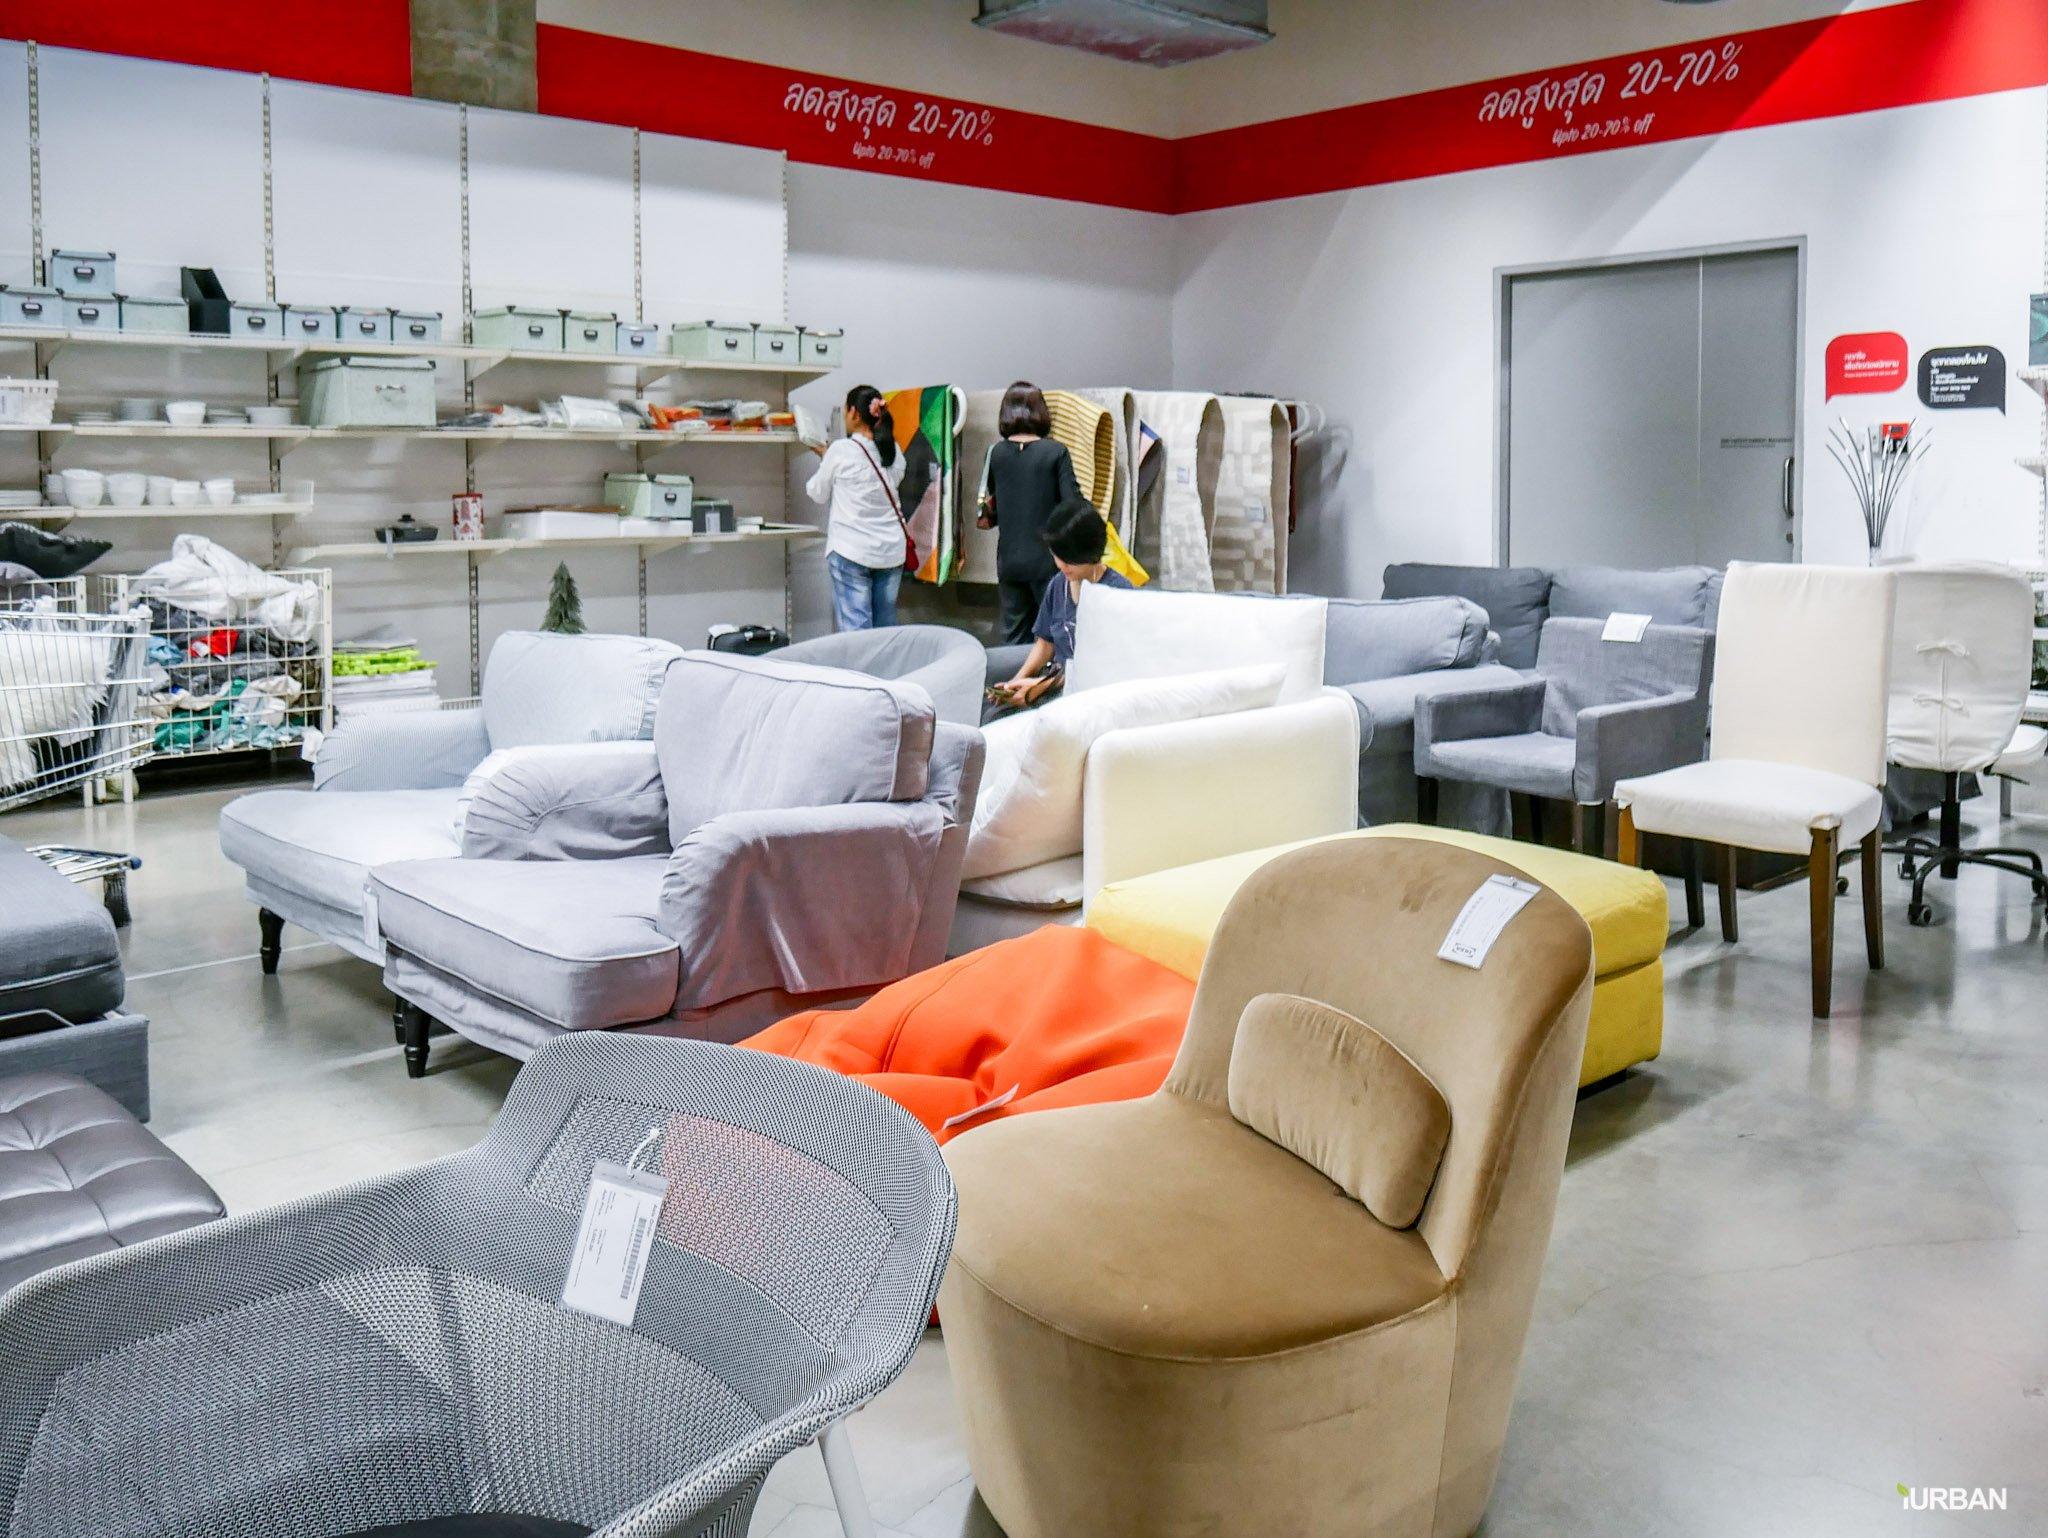 ช้อปที่ IKEA มีส่งของด่วนแล้ว 3 ชม. ถึงบ้าน เริ่ม 350 บาทโดย Deliveree 21 - Deliveree